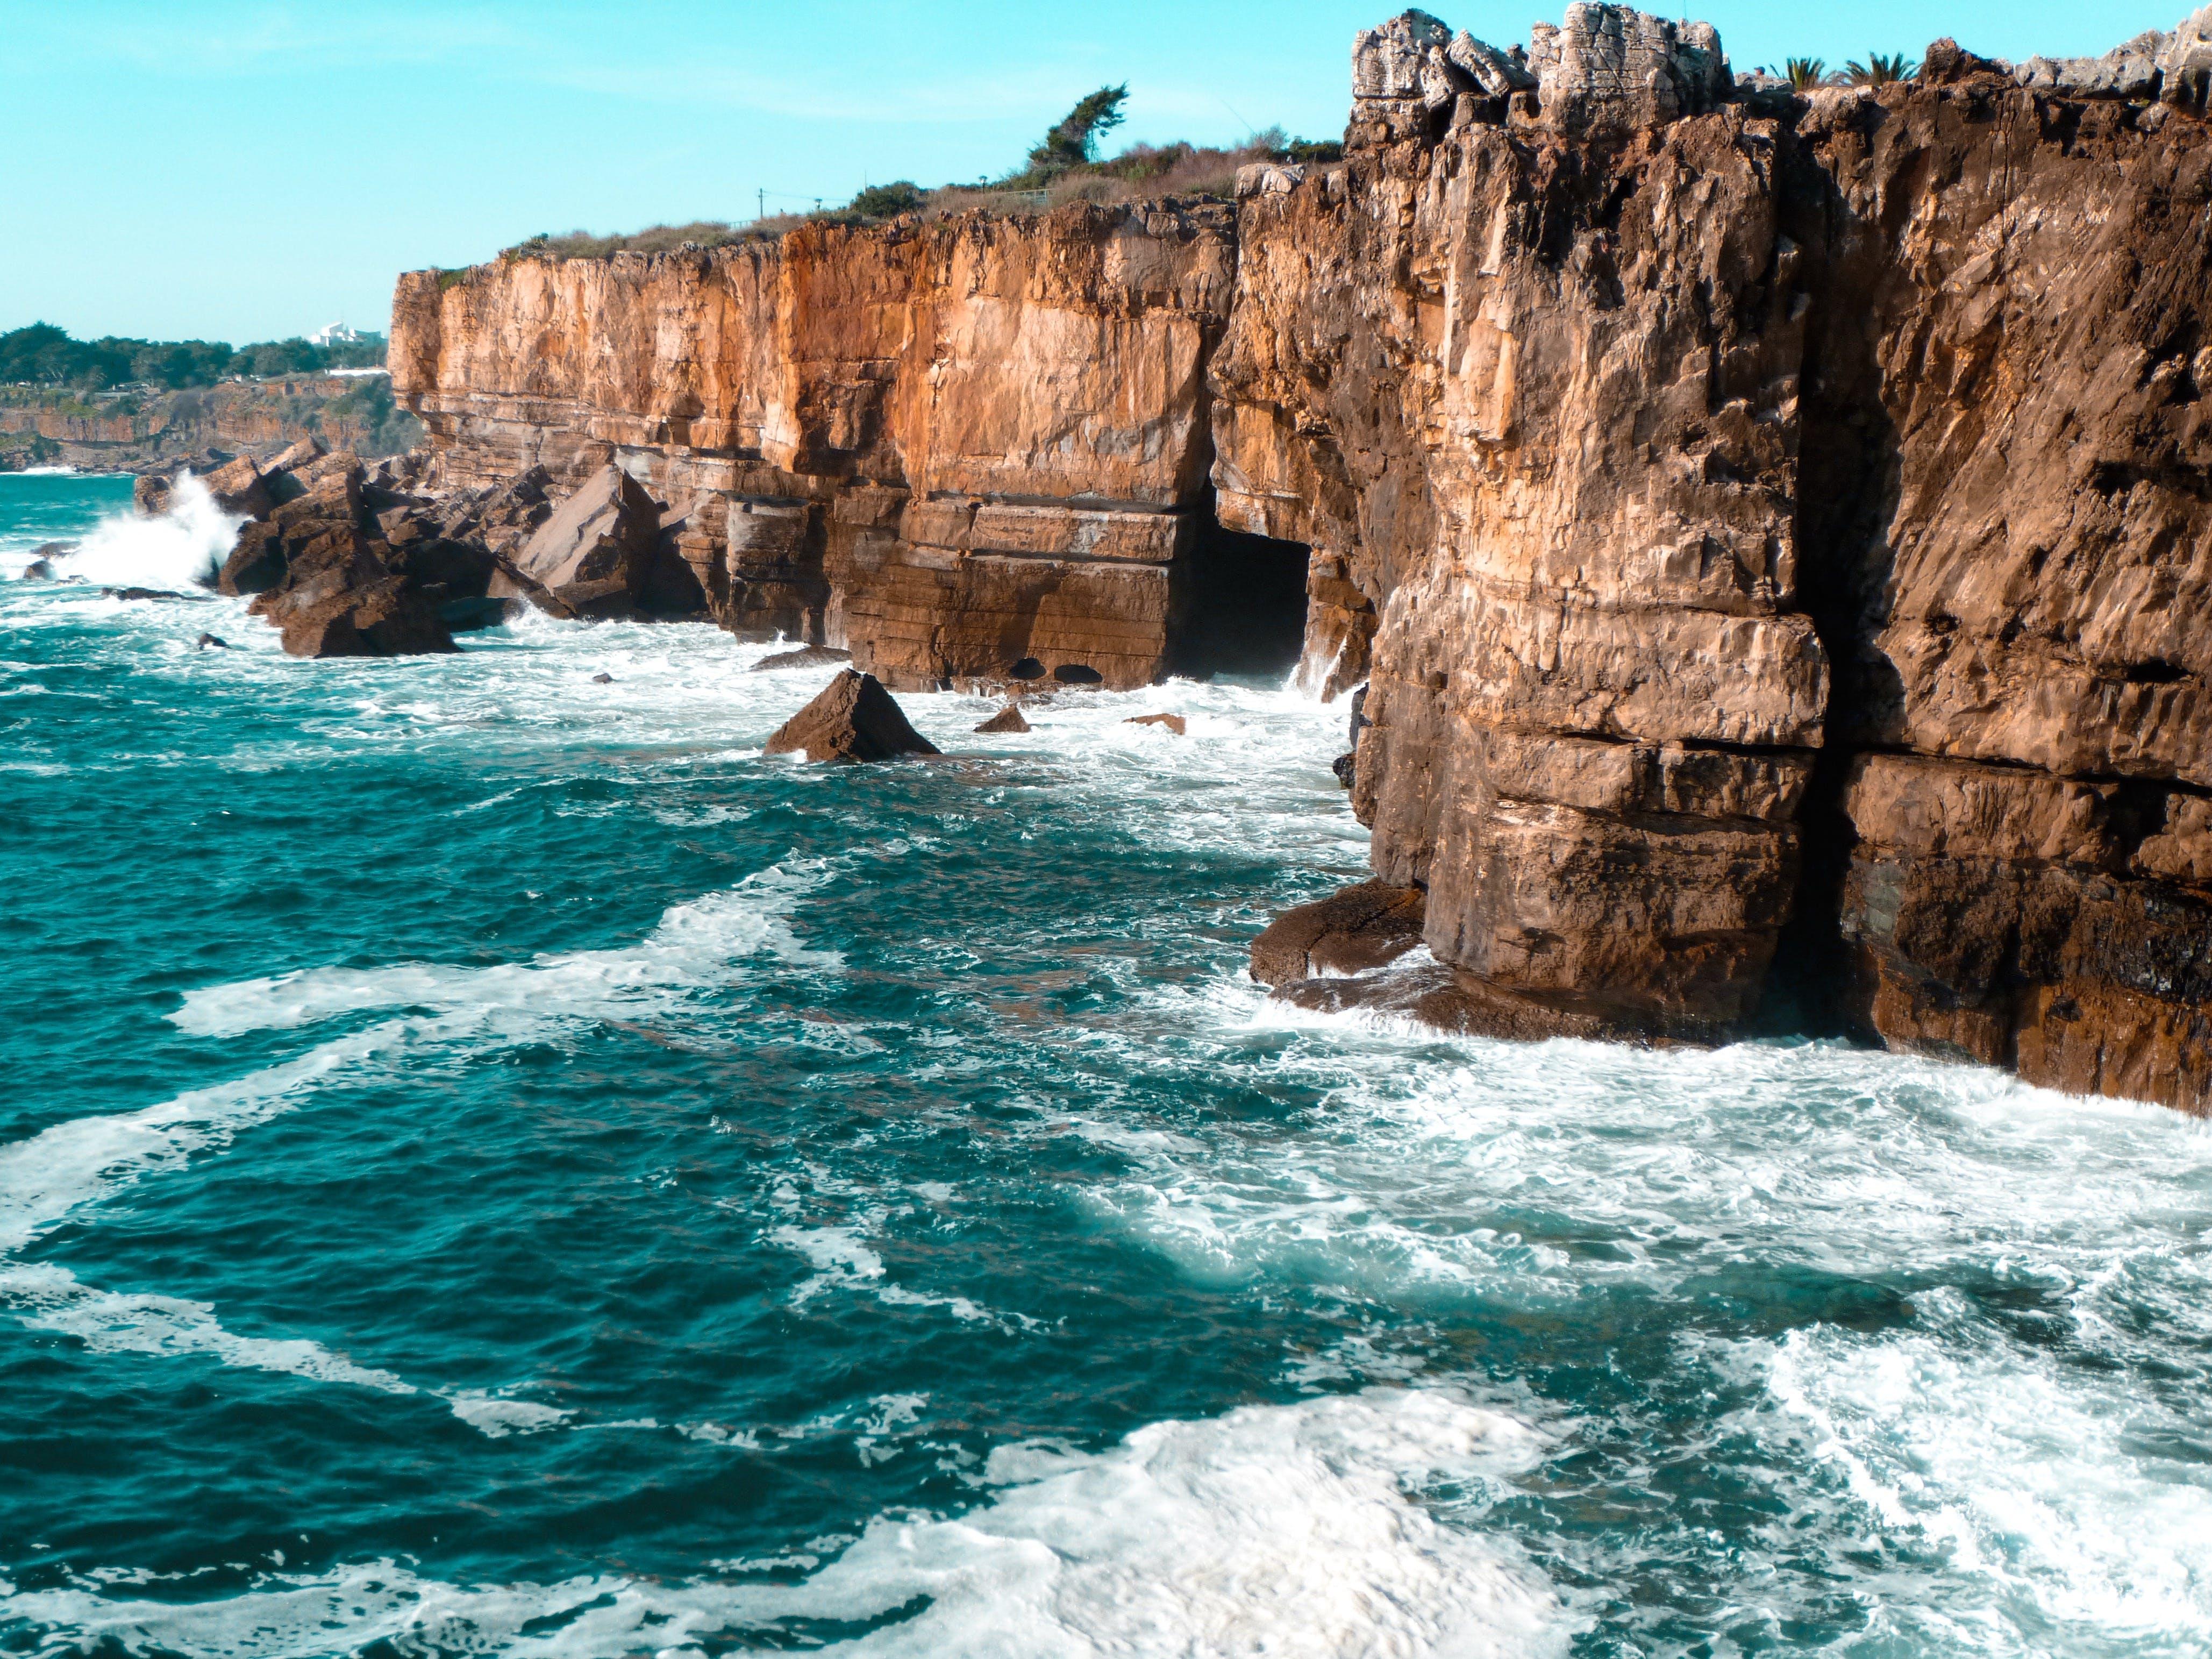 シースケープ, ロッキー, ロッキーショア, 岩の無料の写真素材